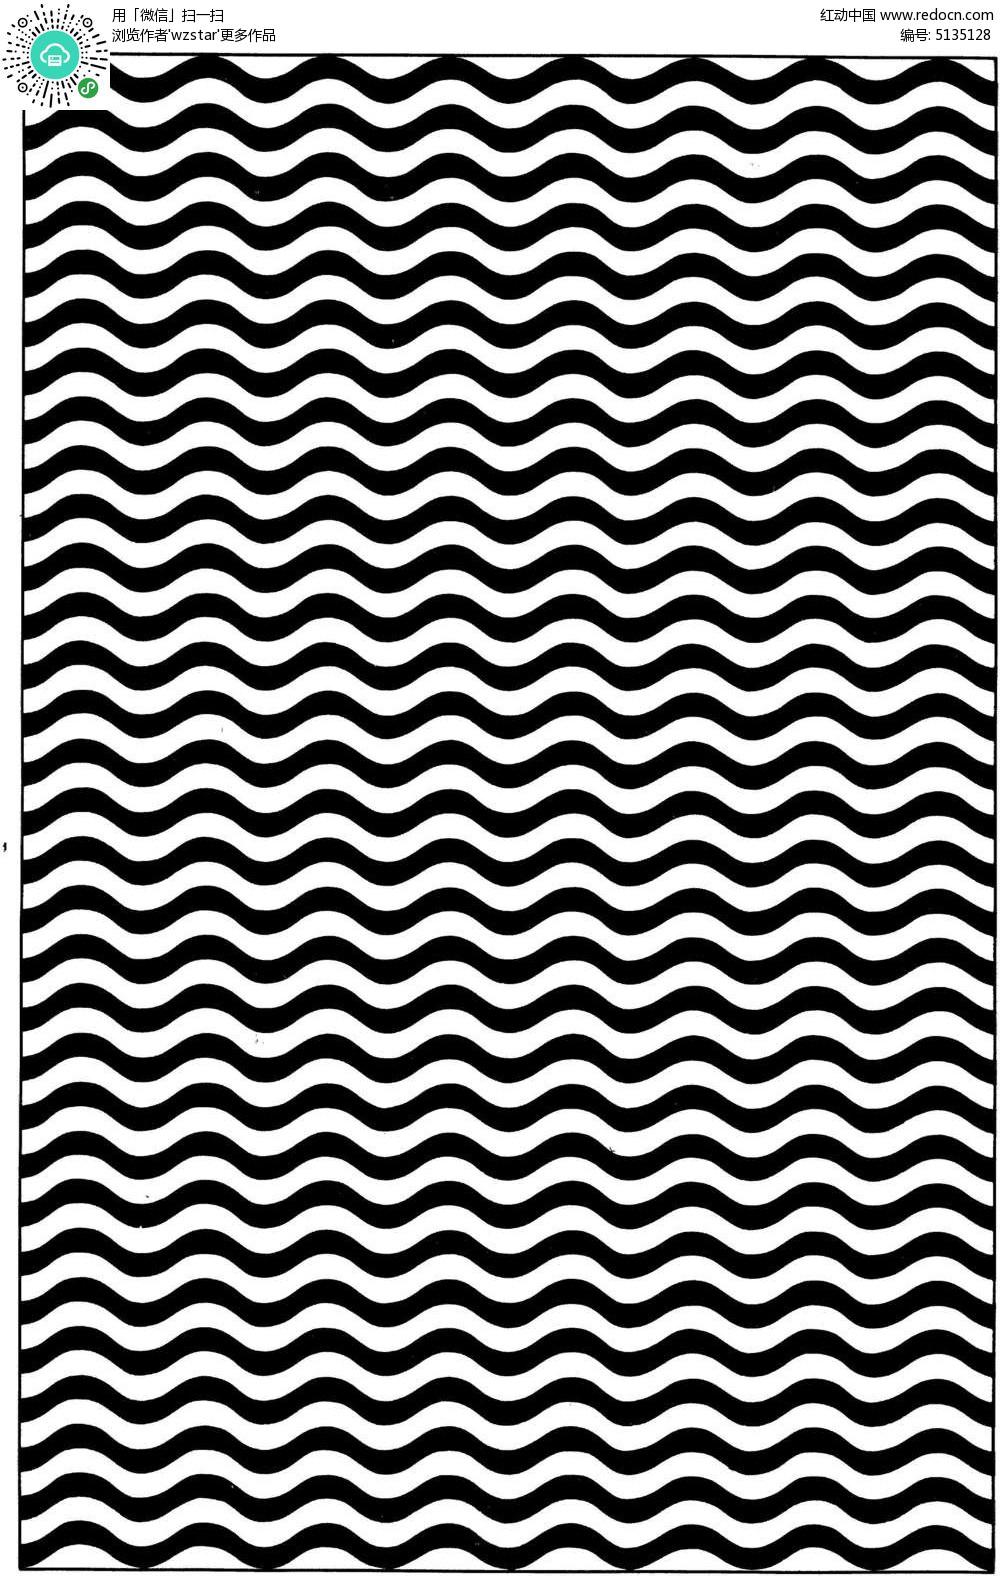 黑白波纹背景图